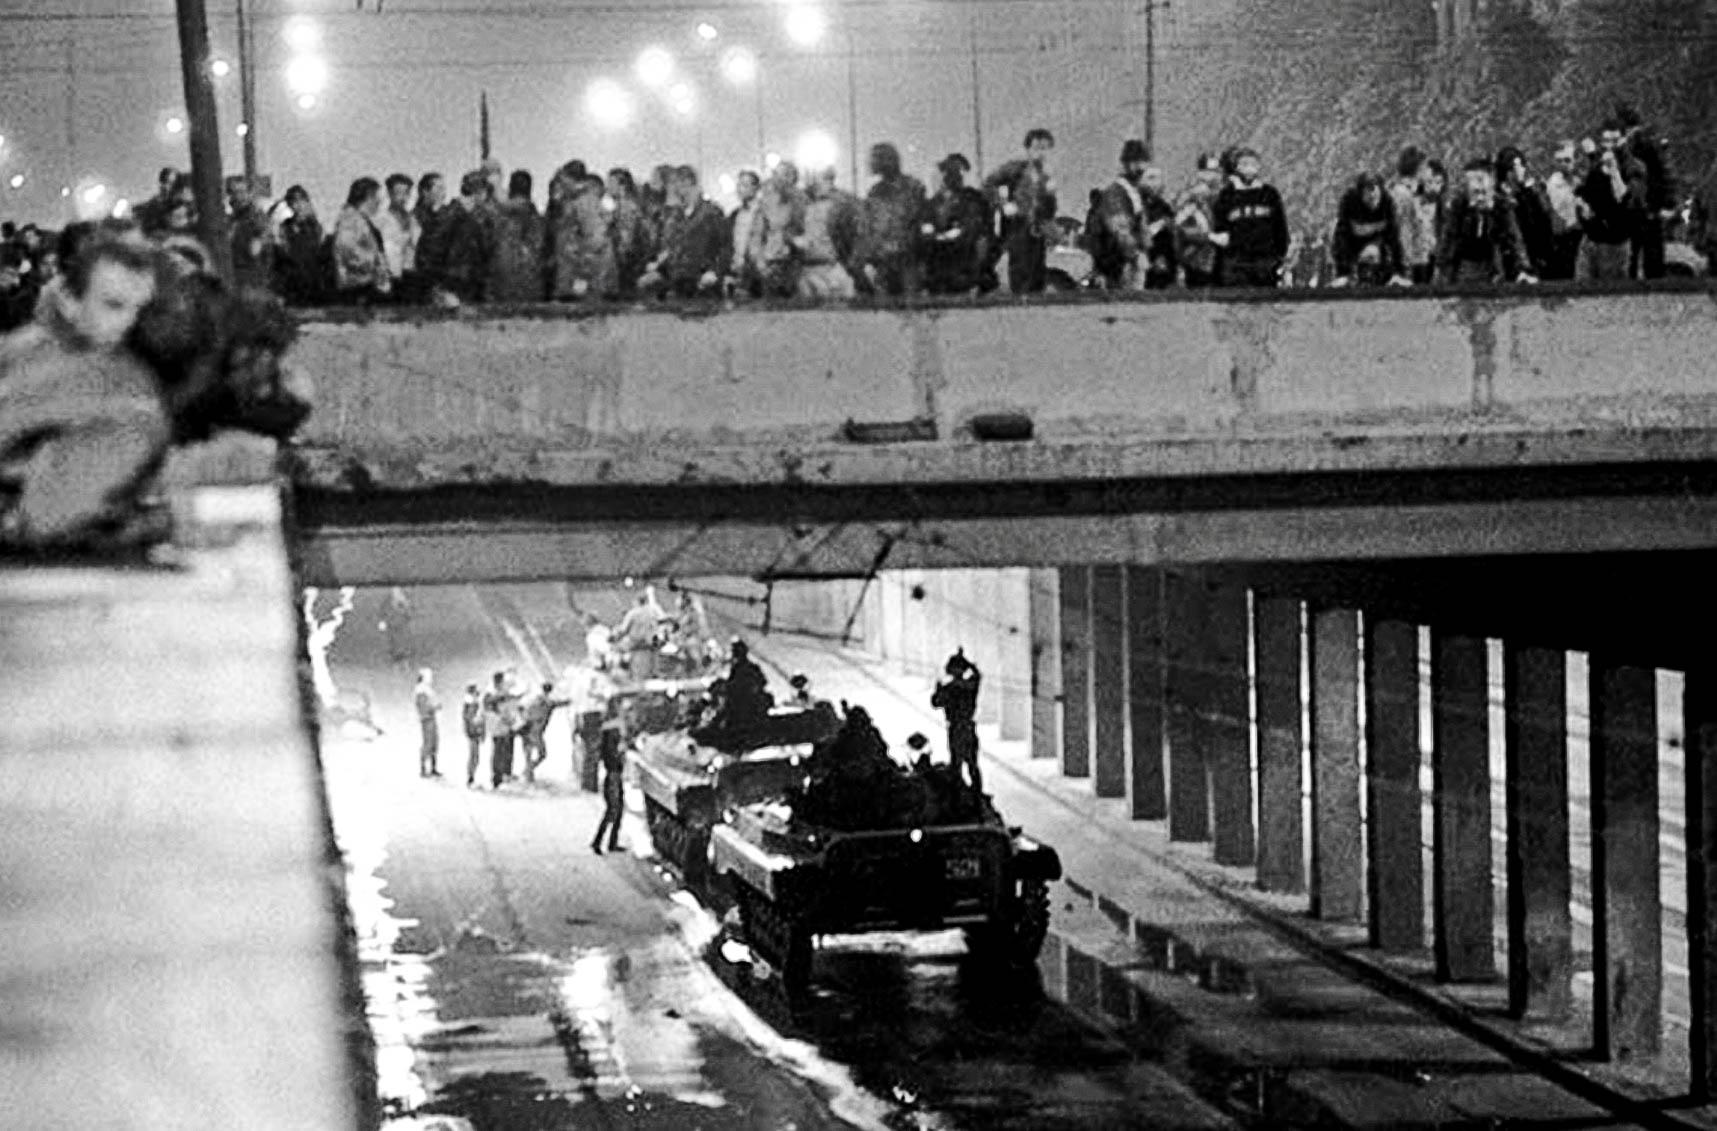 В ночь на 22 августа колонна техники уходила из Москвы, когда в тоннеле под Калининским проспектом была атакована манифестантами, решившими, что начался штурм Белого дома. Жертвами стали три человека